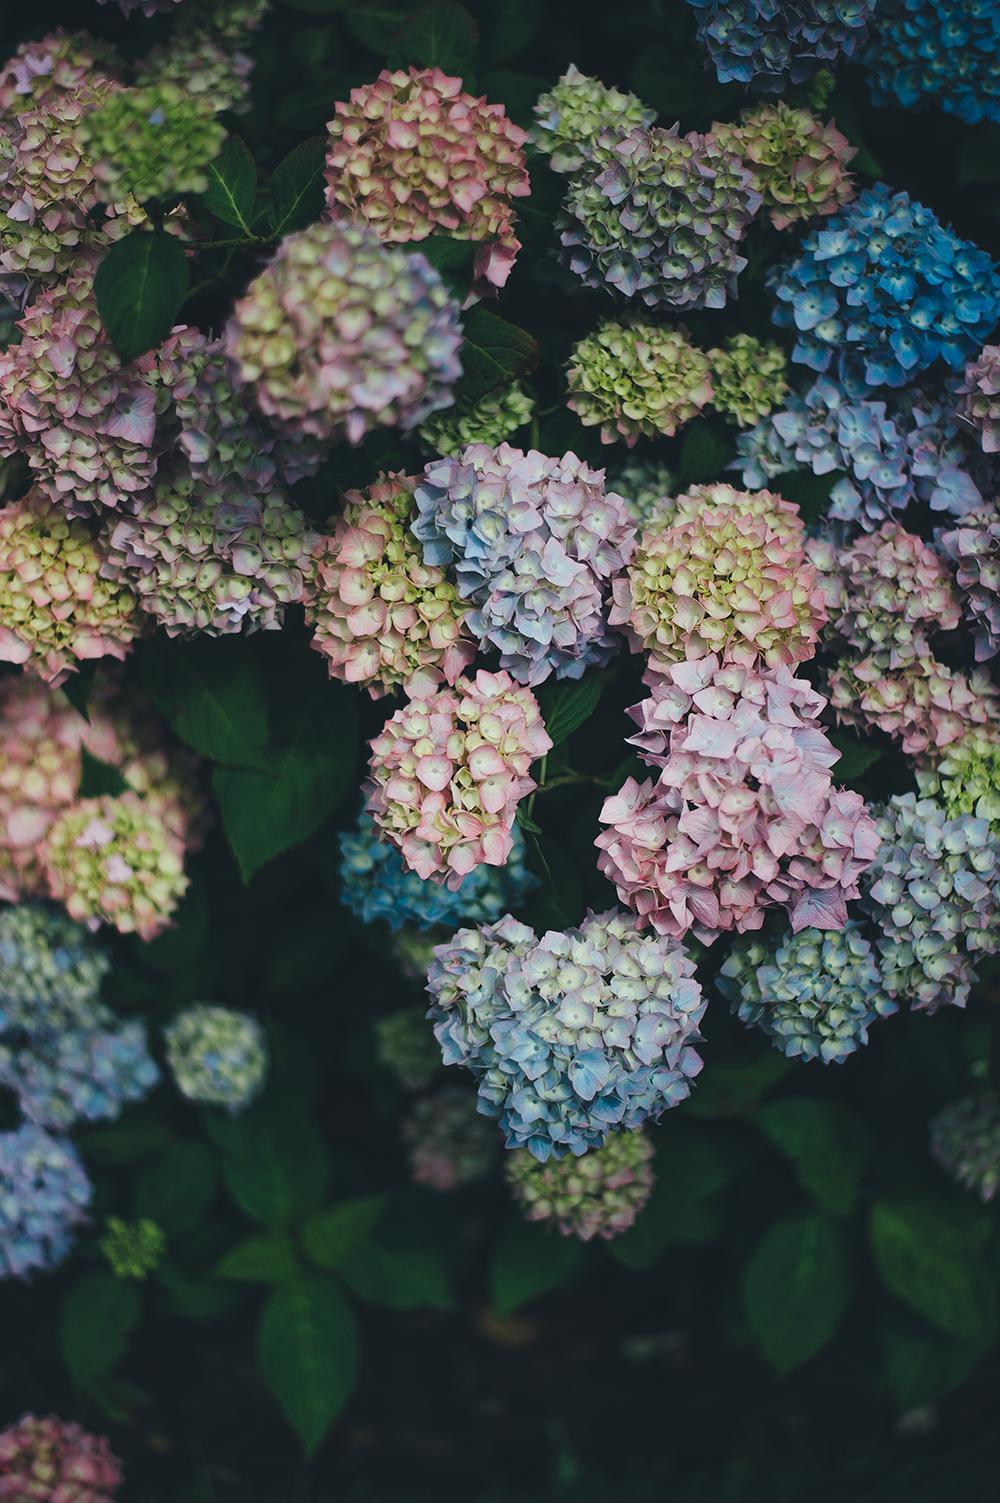 Hydrangeas Annie Spratt | Unsplash